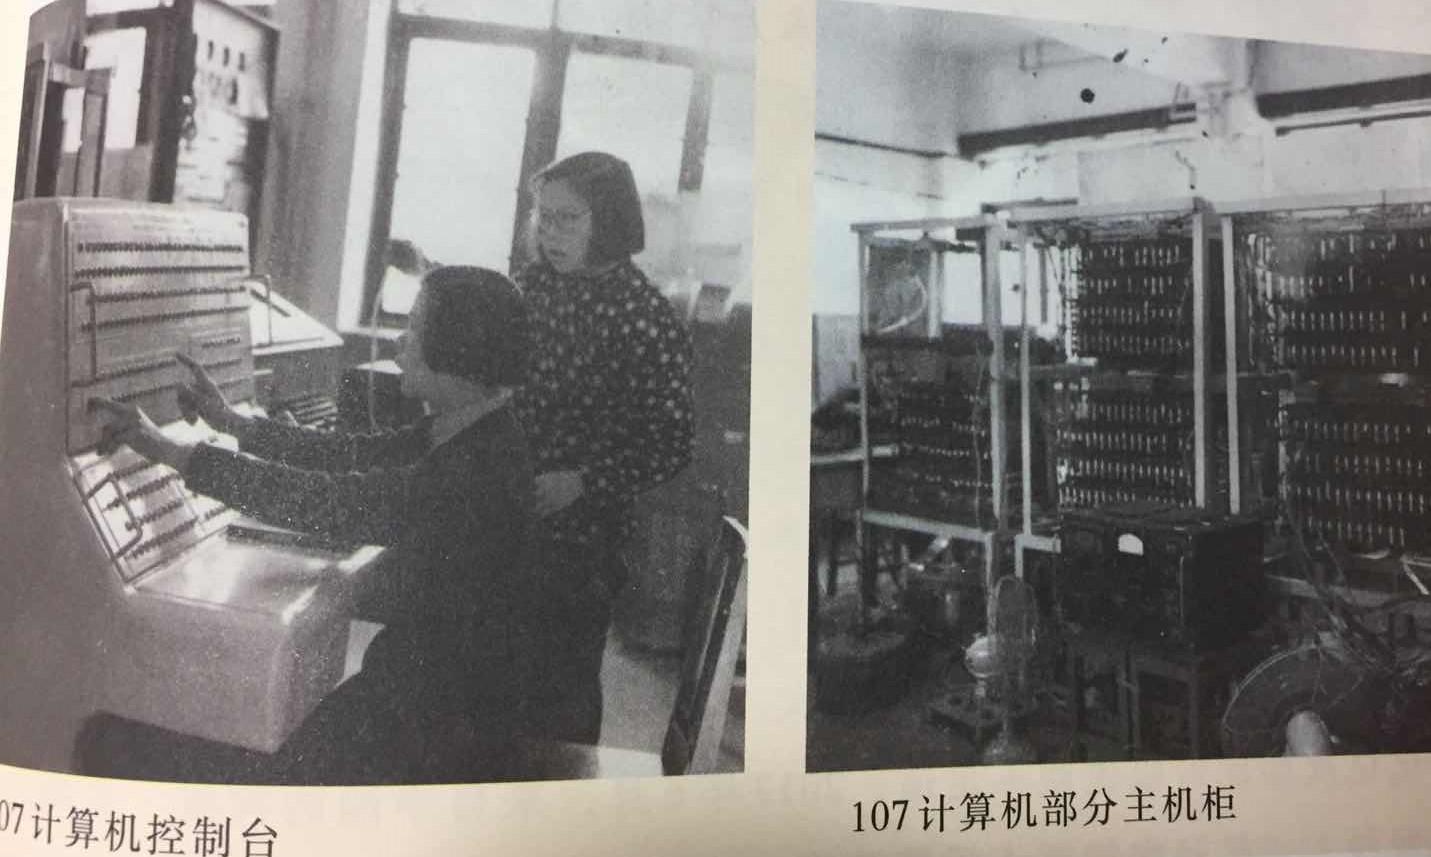 107计算机